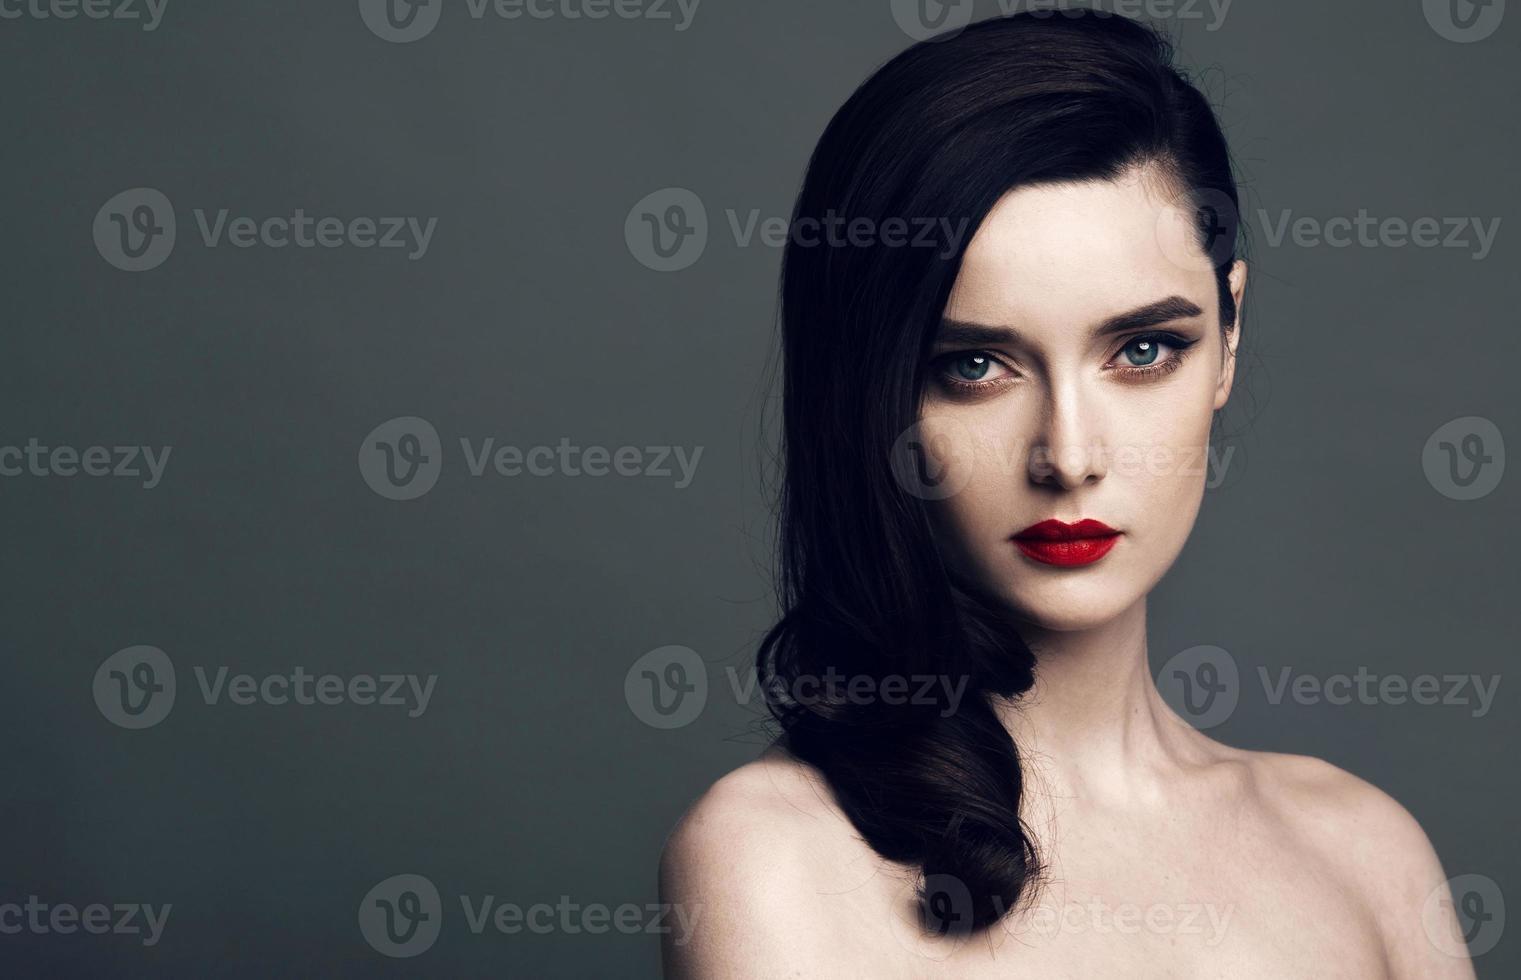 vackert ansikte av en glamourkvinna med ljust smink foto